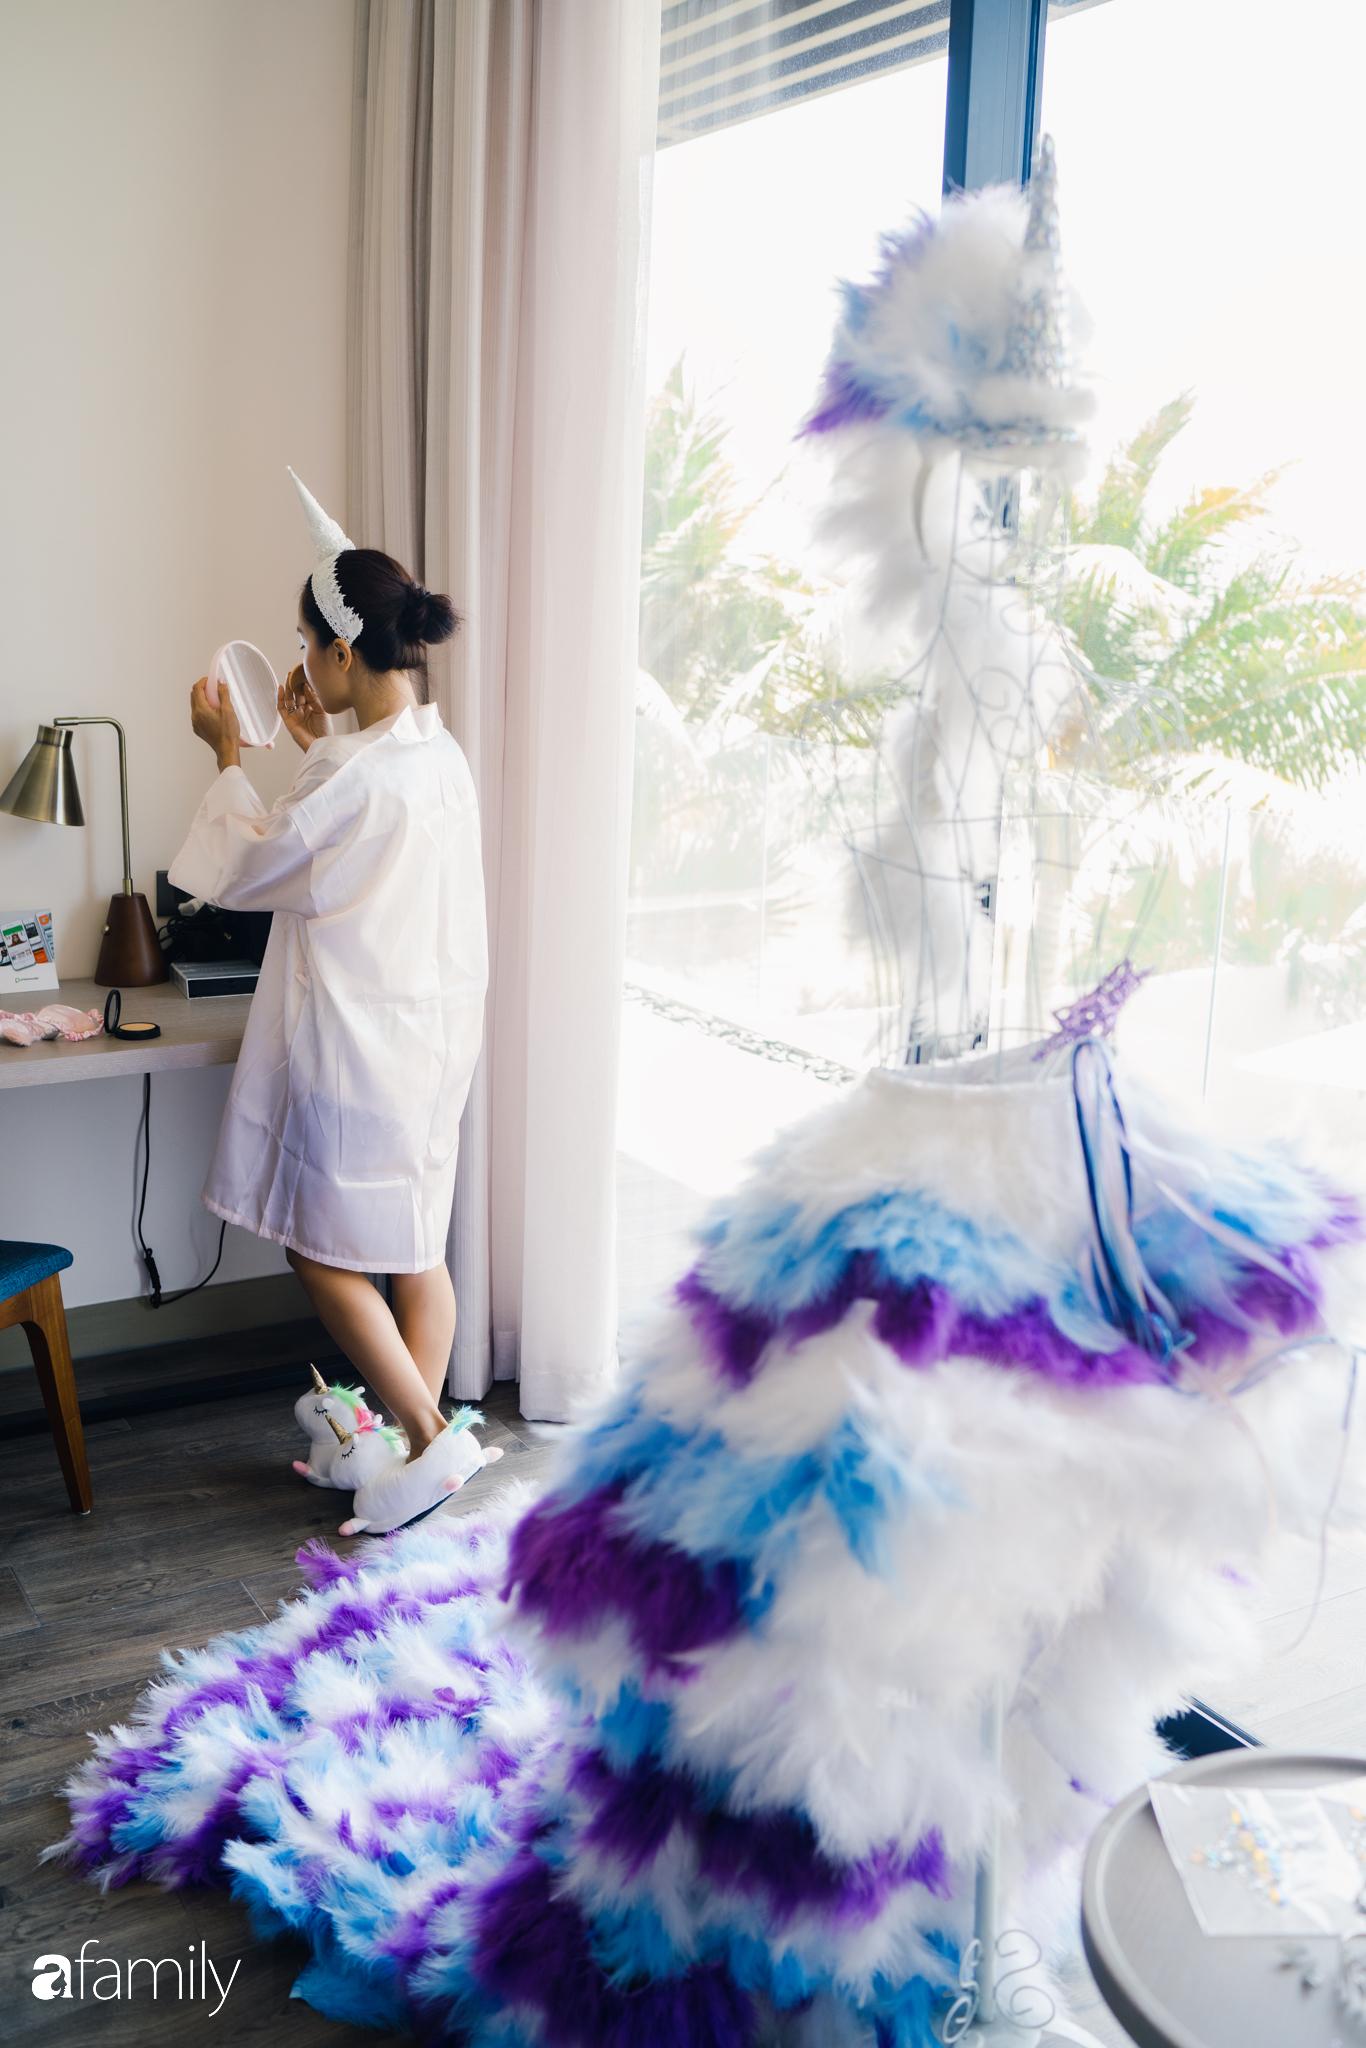 """My Lan Nguyễn - Cô gái có cuộc tình như mơ từ FB và sự """"đấu tranh"""" với phụ huynh để mặc váy cưới đuôi cá màu tím, đội sừng Unicorns trong hôn lễ của chính mình - Ảnh 12."""